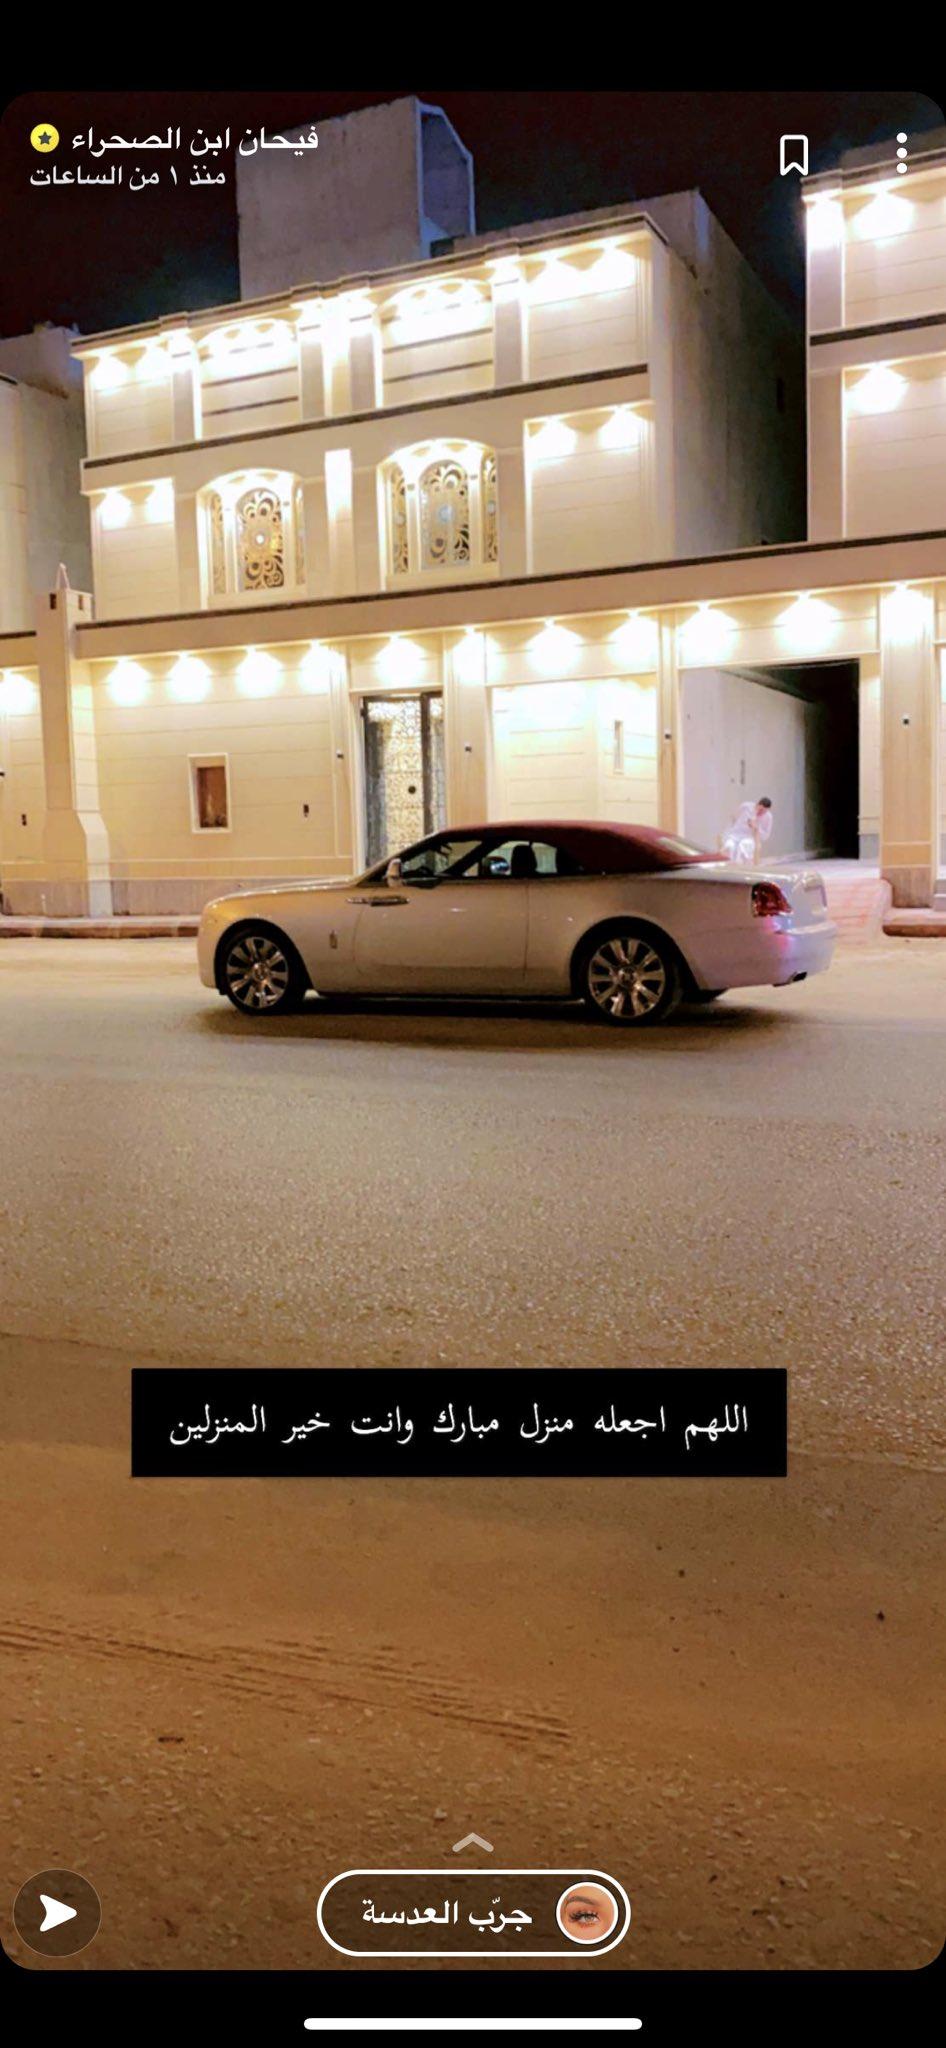 فيحان Sur Twitter بفضل الله ومنته اشترينا منزل ثاني اللهم اجعله منزل مبارك